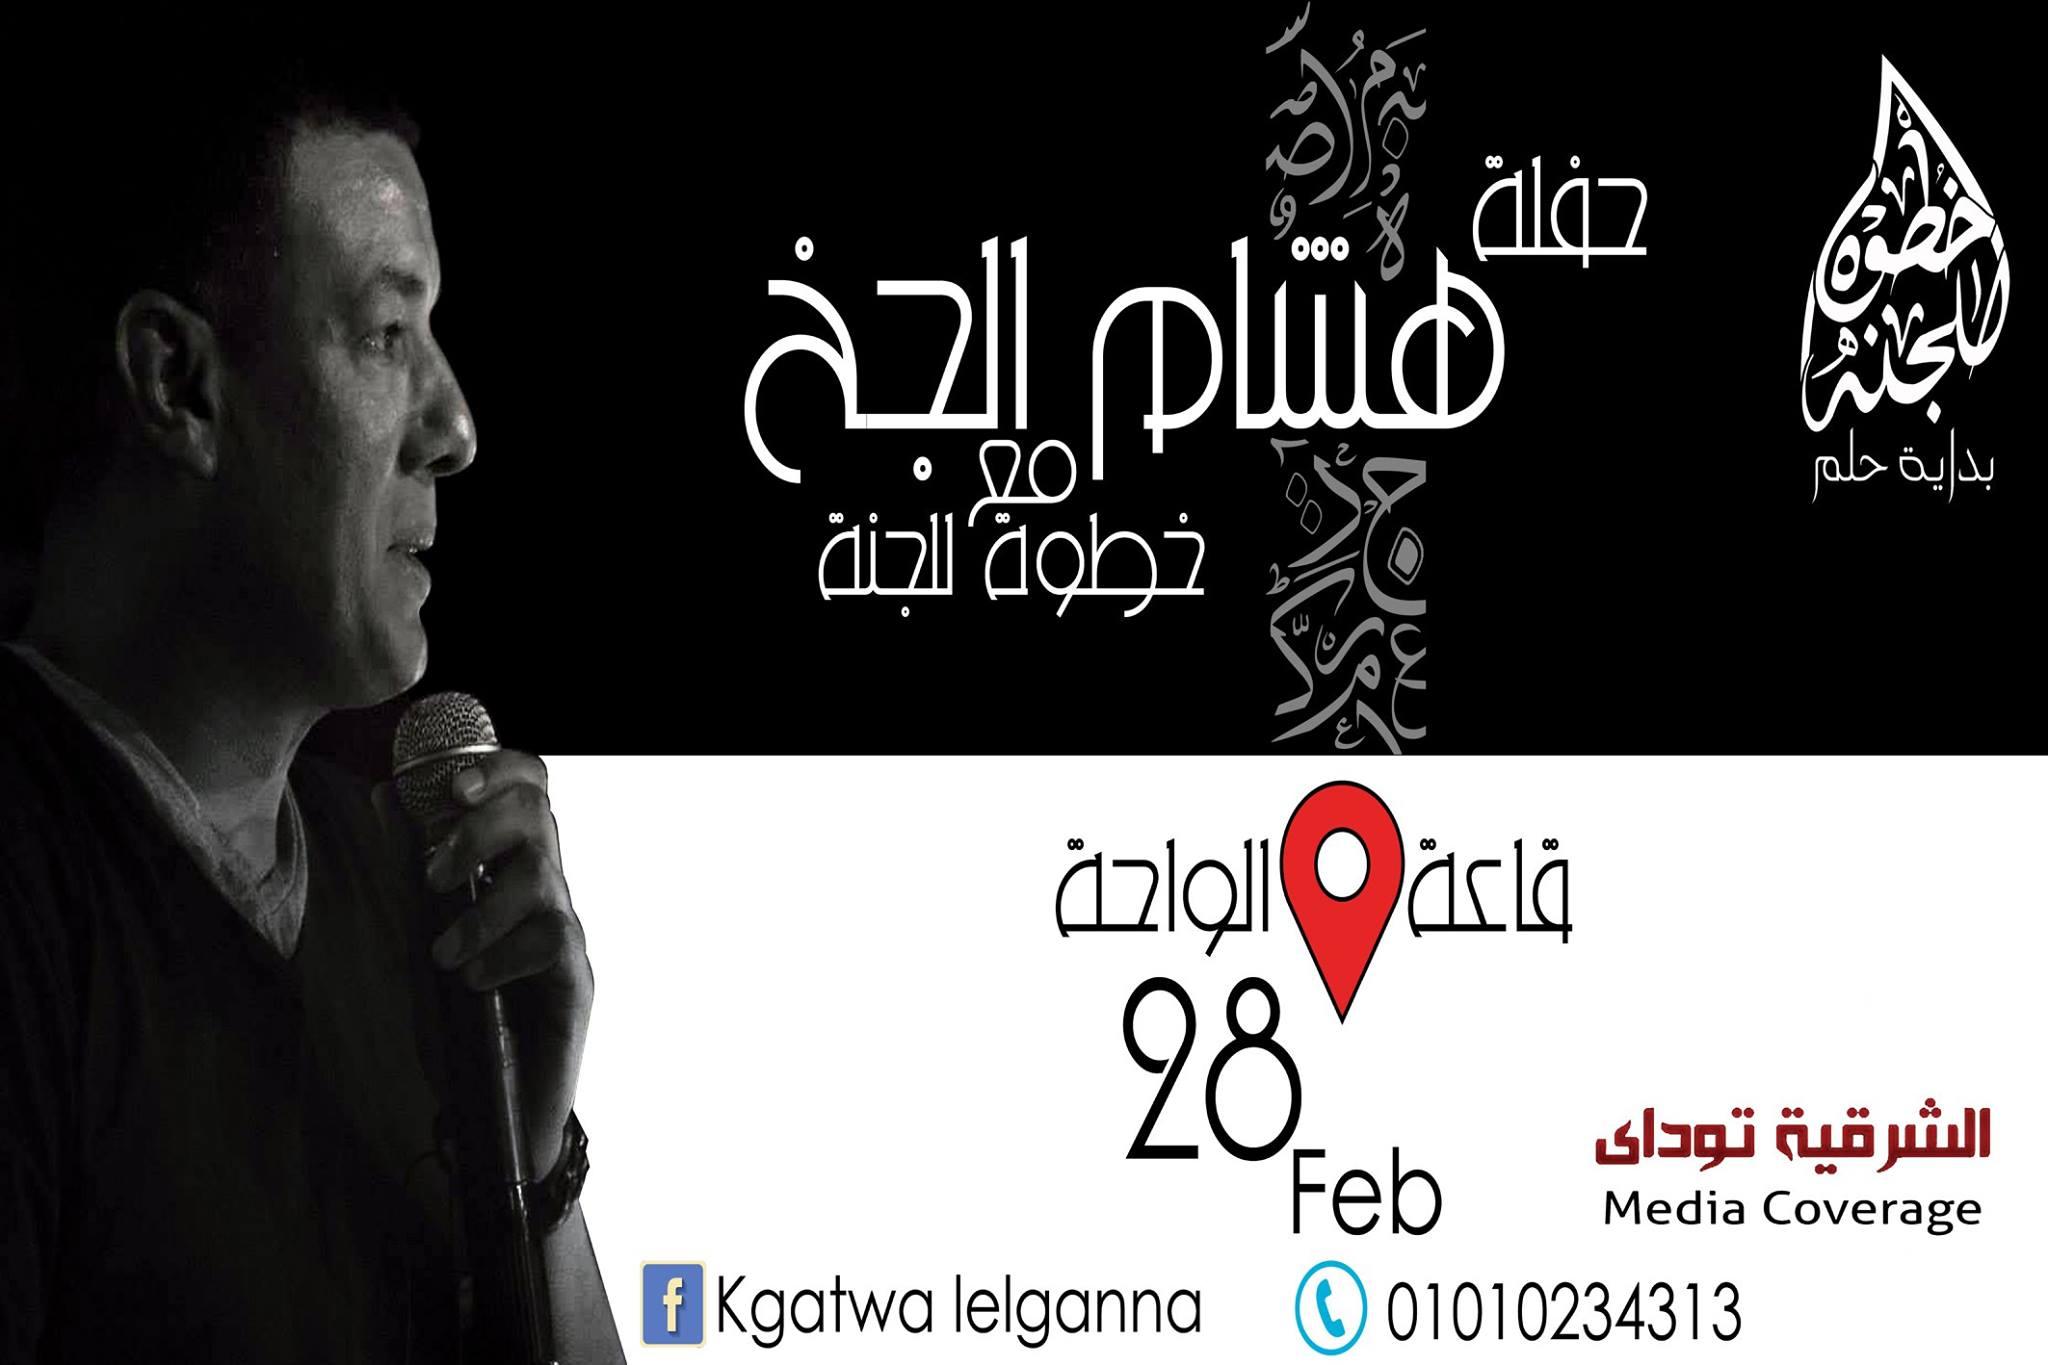 صورة هشام الجخ في ضيافة خطوة للجنة بالزقازيق ..اليوم